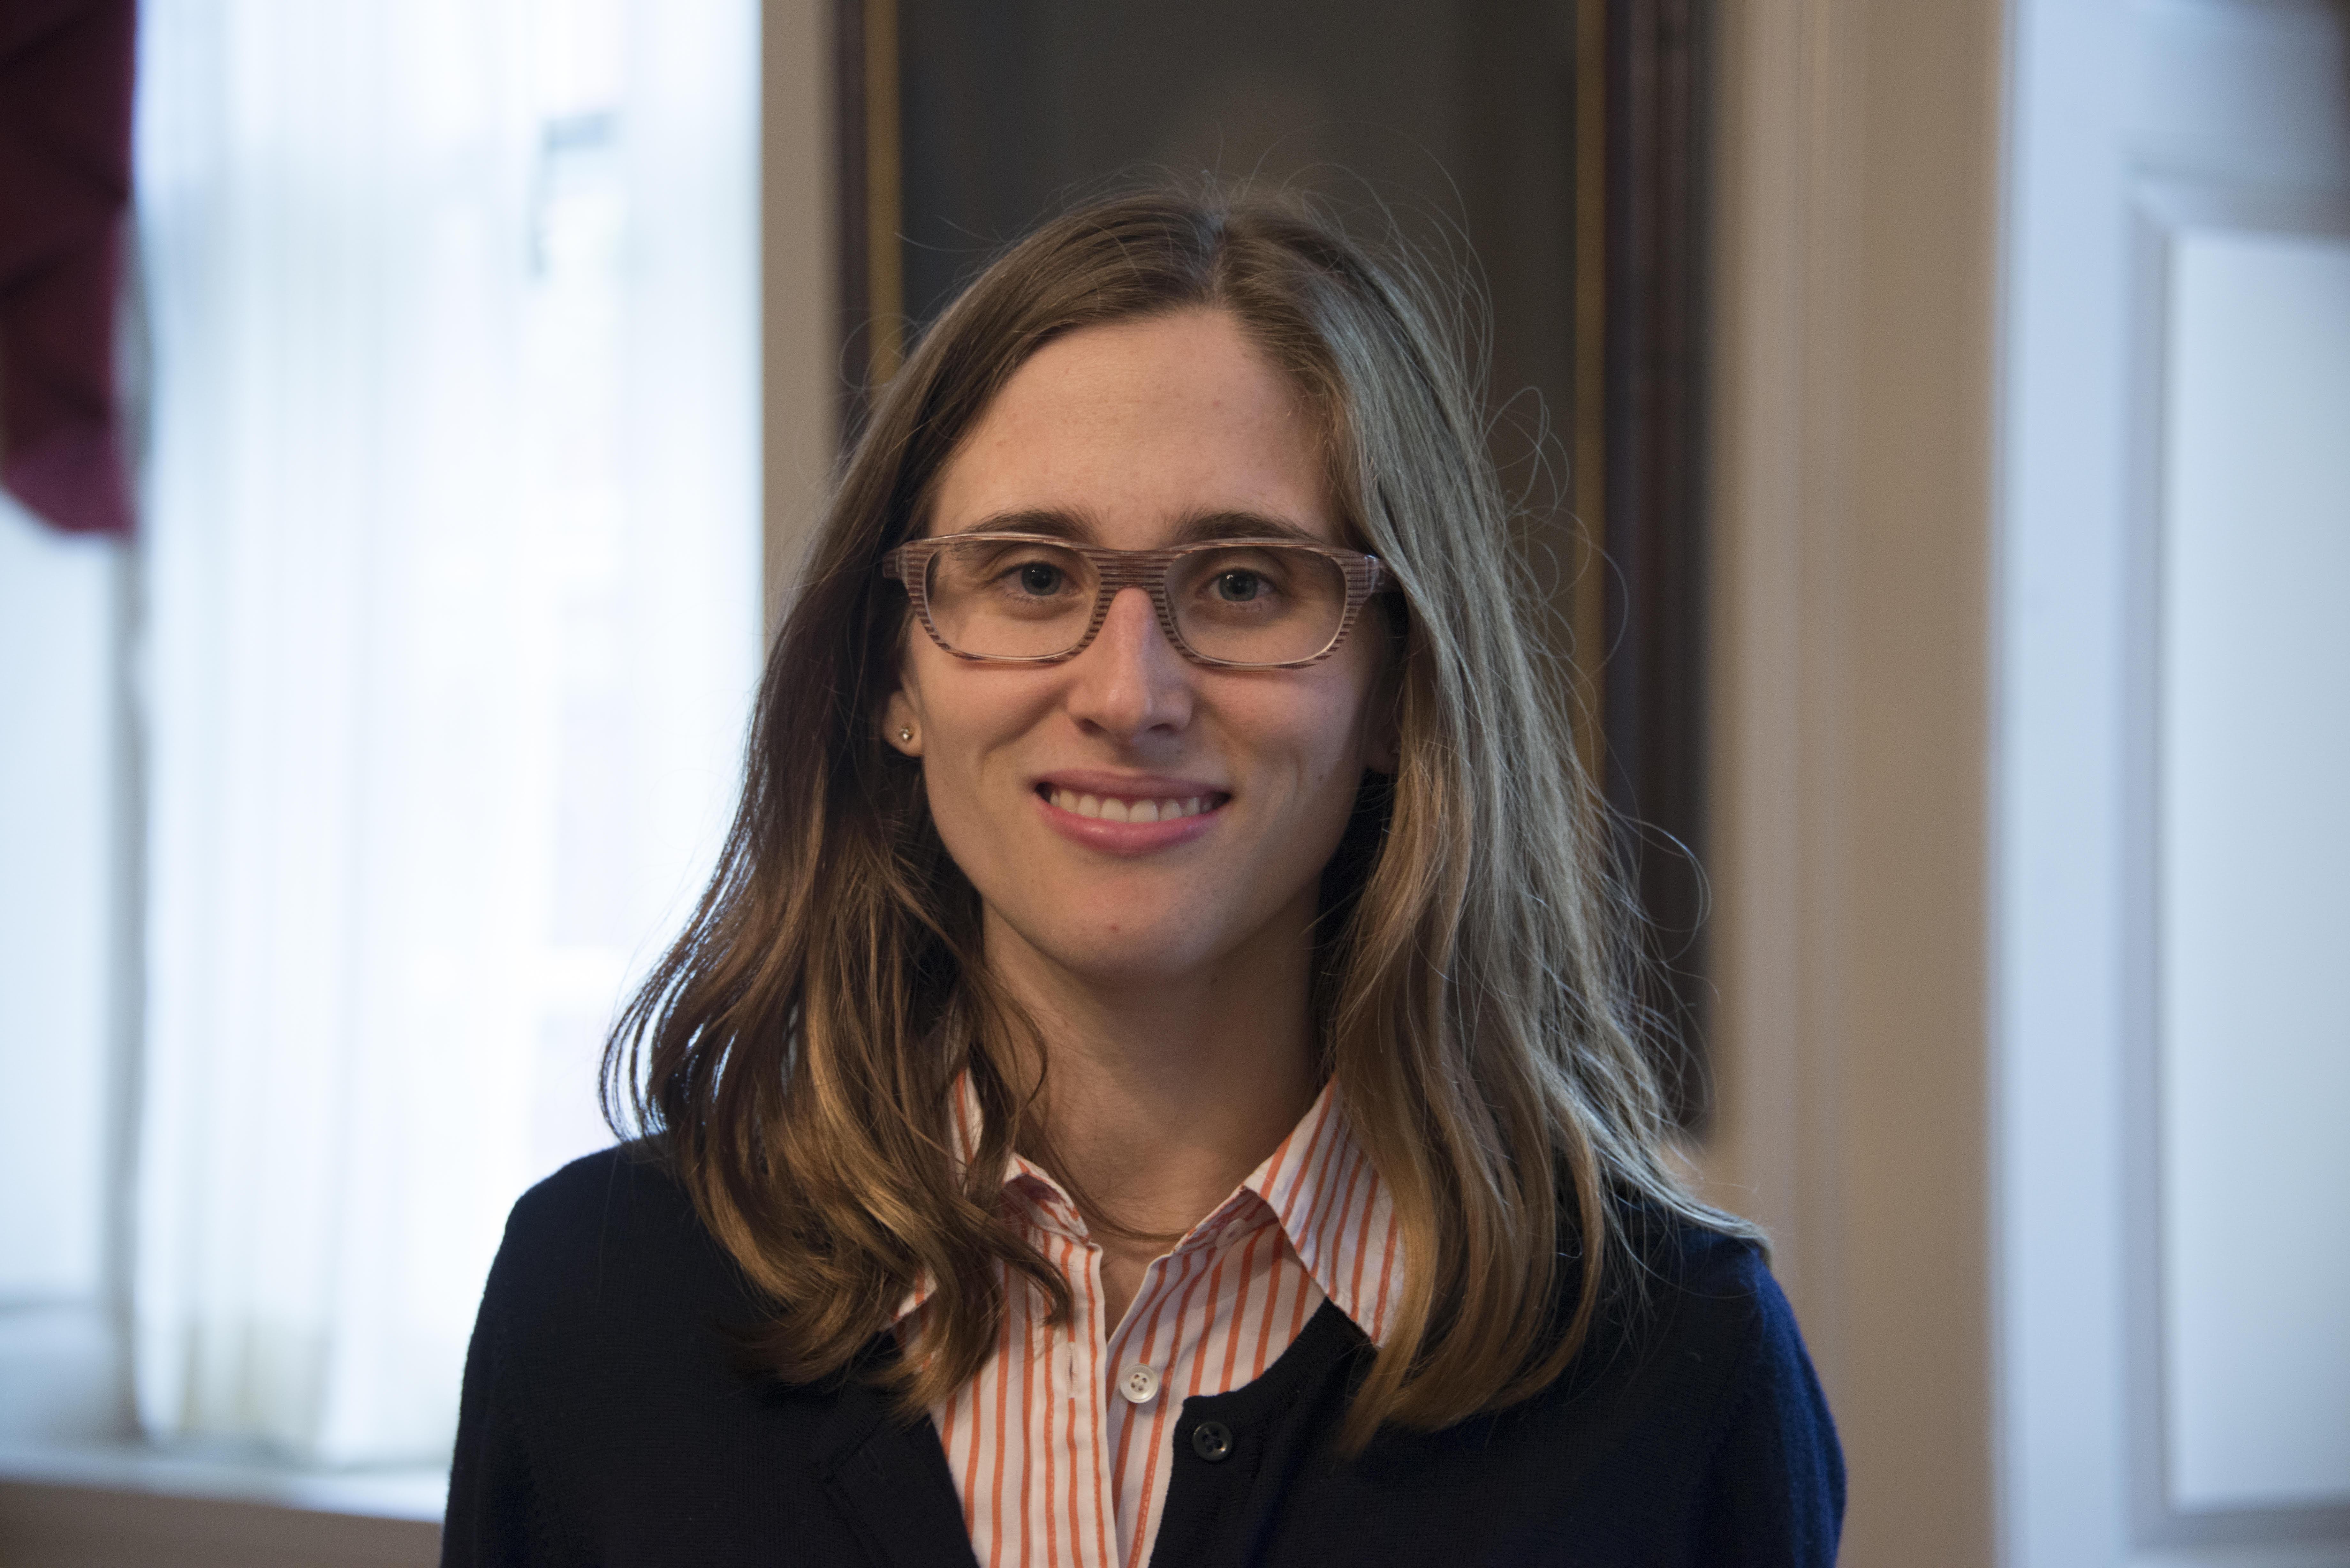 Portrait of Kathryn Schwartz